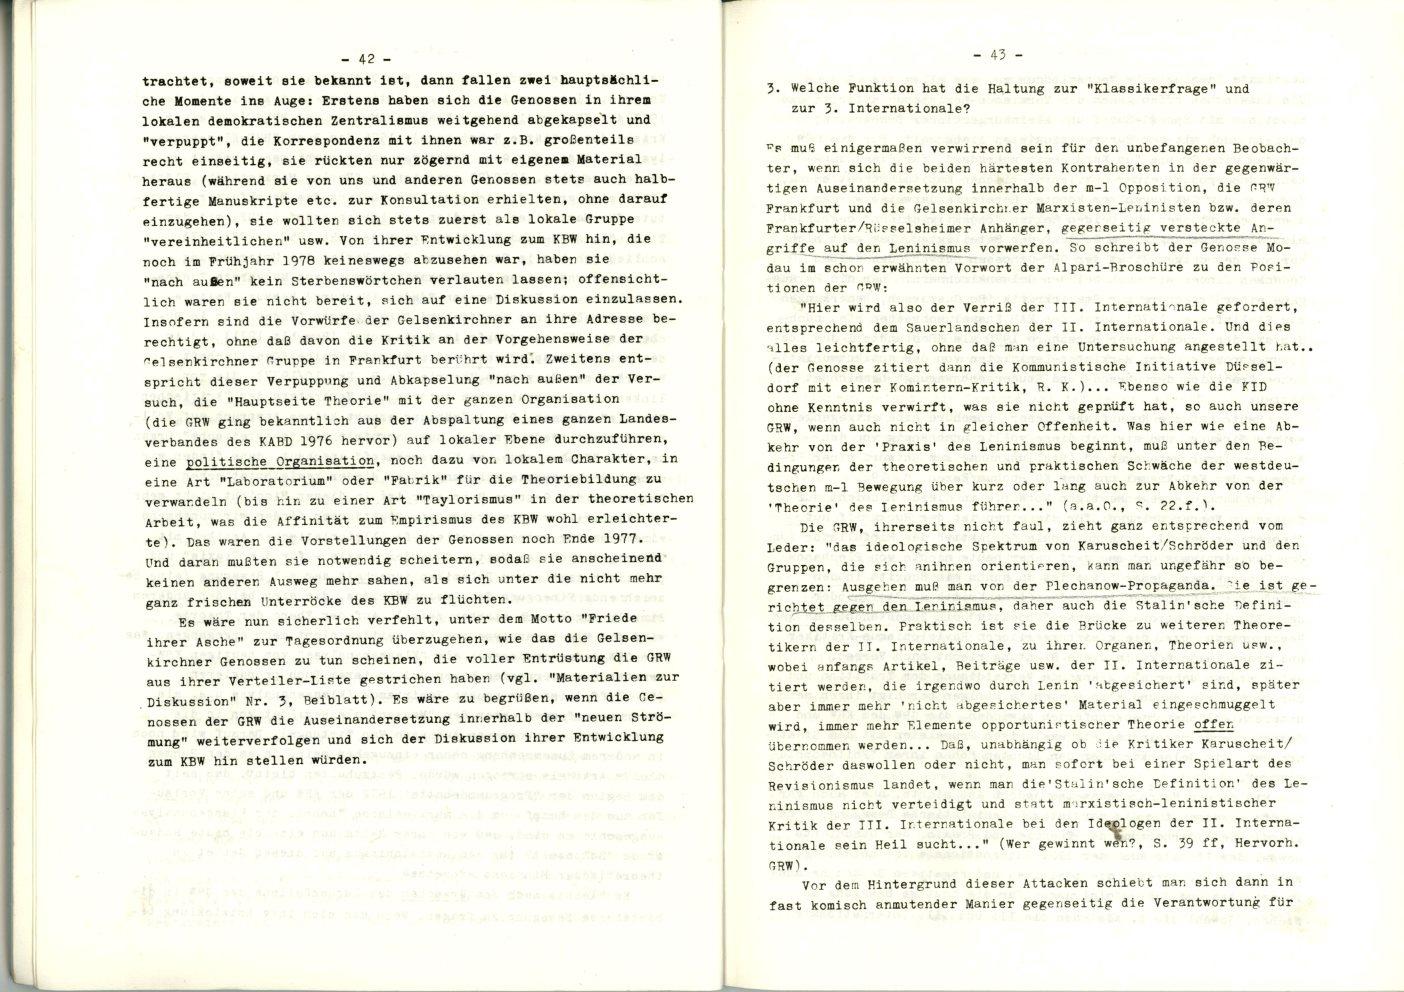 Nuernberg_Fuerth_Erlangen_ML_Diskussionsbeitraege_1979_02_22